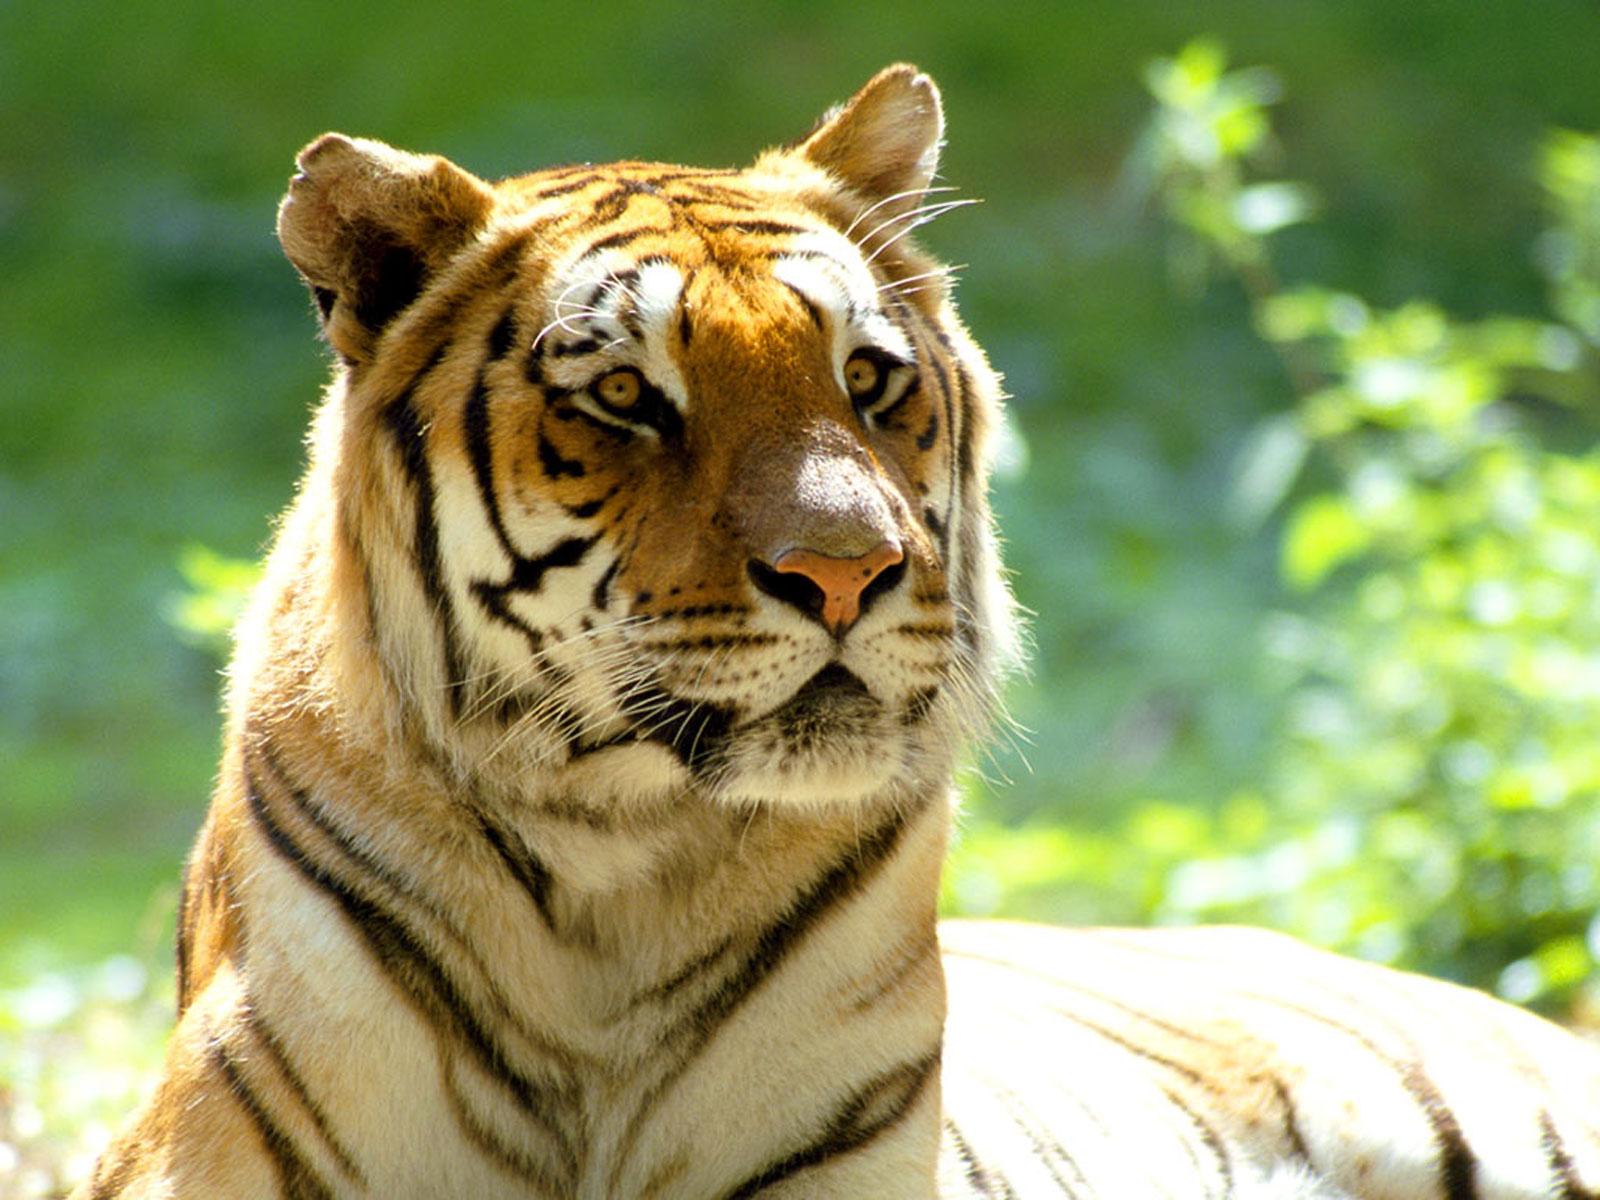 Animales: Las Mejores Fotos De Animales [nunca Antes Vistas]